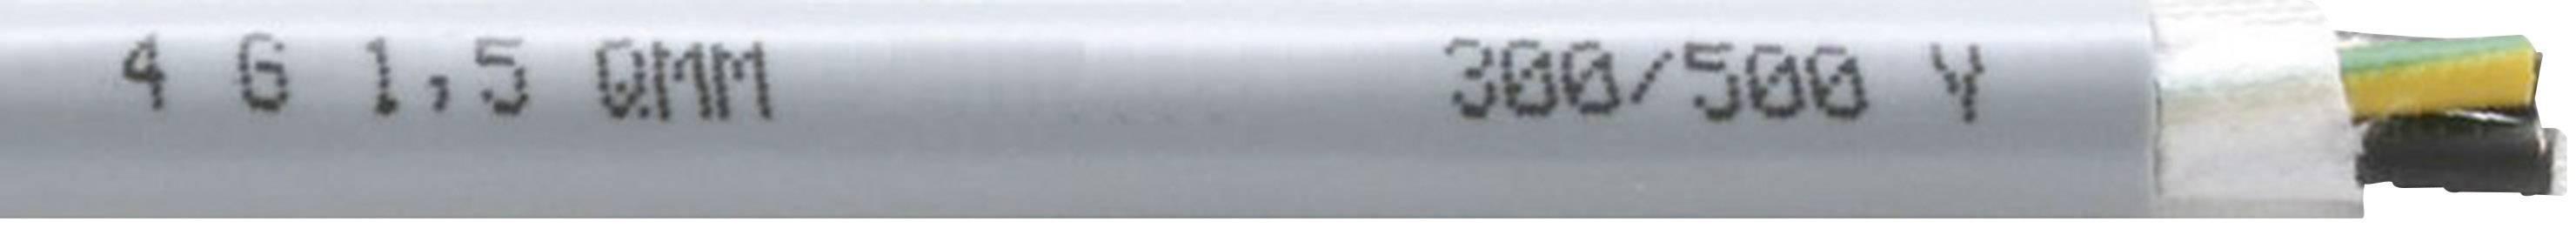 Tažný kabel Faber Kabel EFK 310 Y 310 UL/CSA-SCHLEPPLTG.PVC/PVC (035424), 3x 0,5 mm², PVC, Ø 6,3 mm, nestíněný